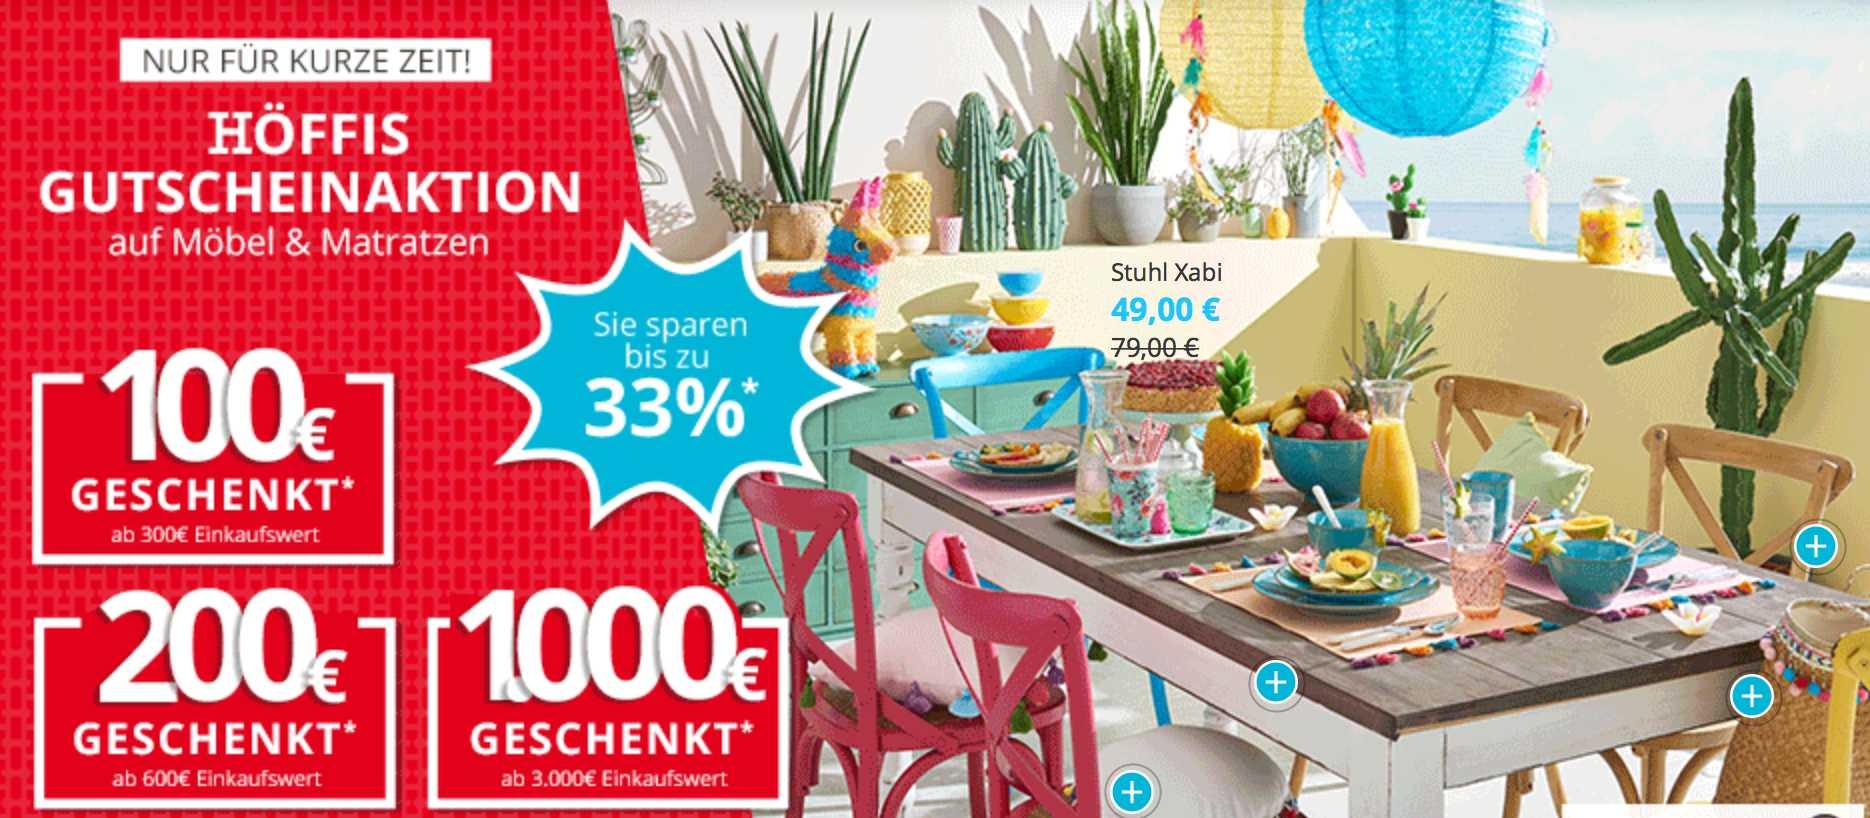 Höffner Gutscheine 100 Ab 300 Bestellwert 200 Ab 600 500